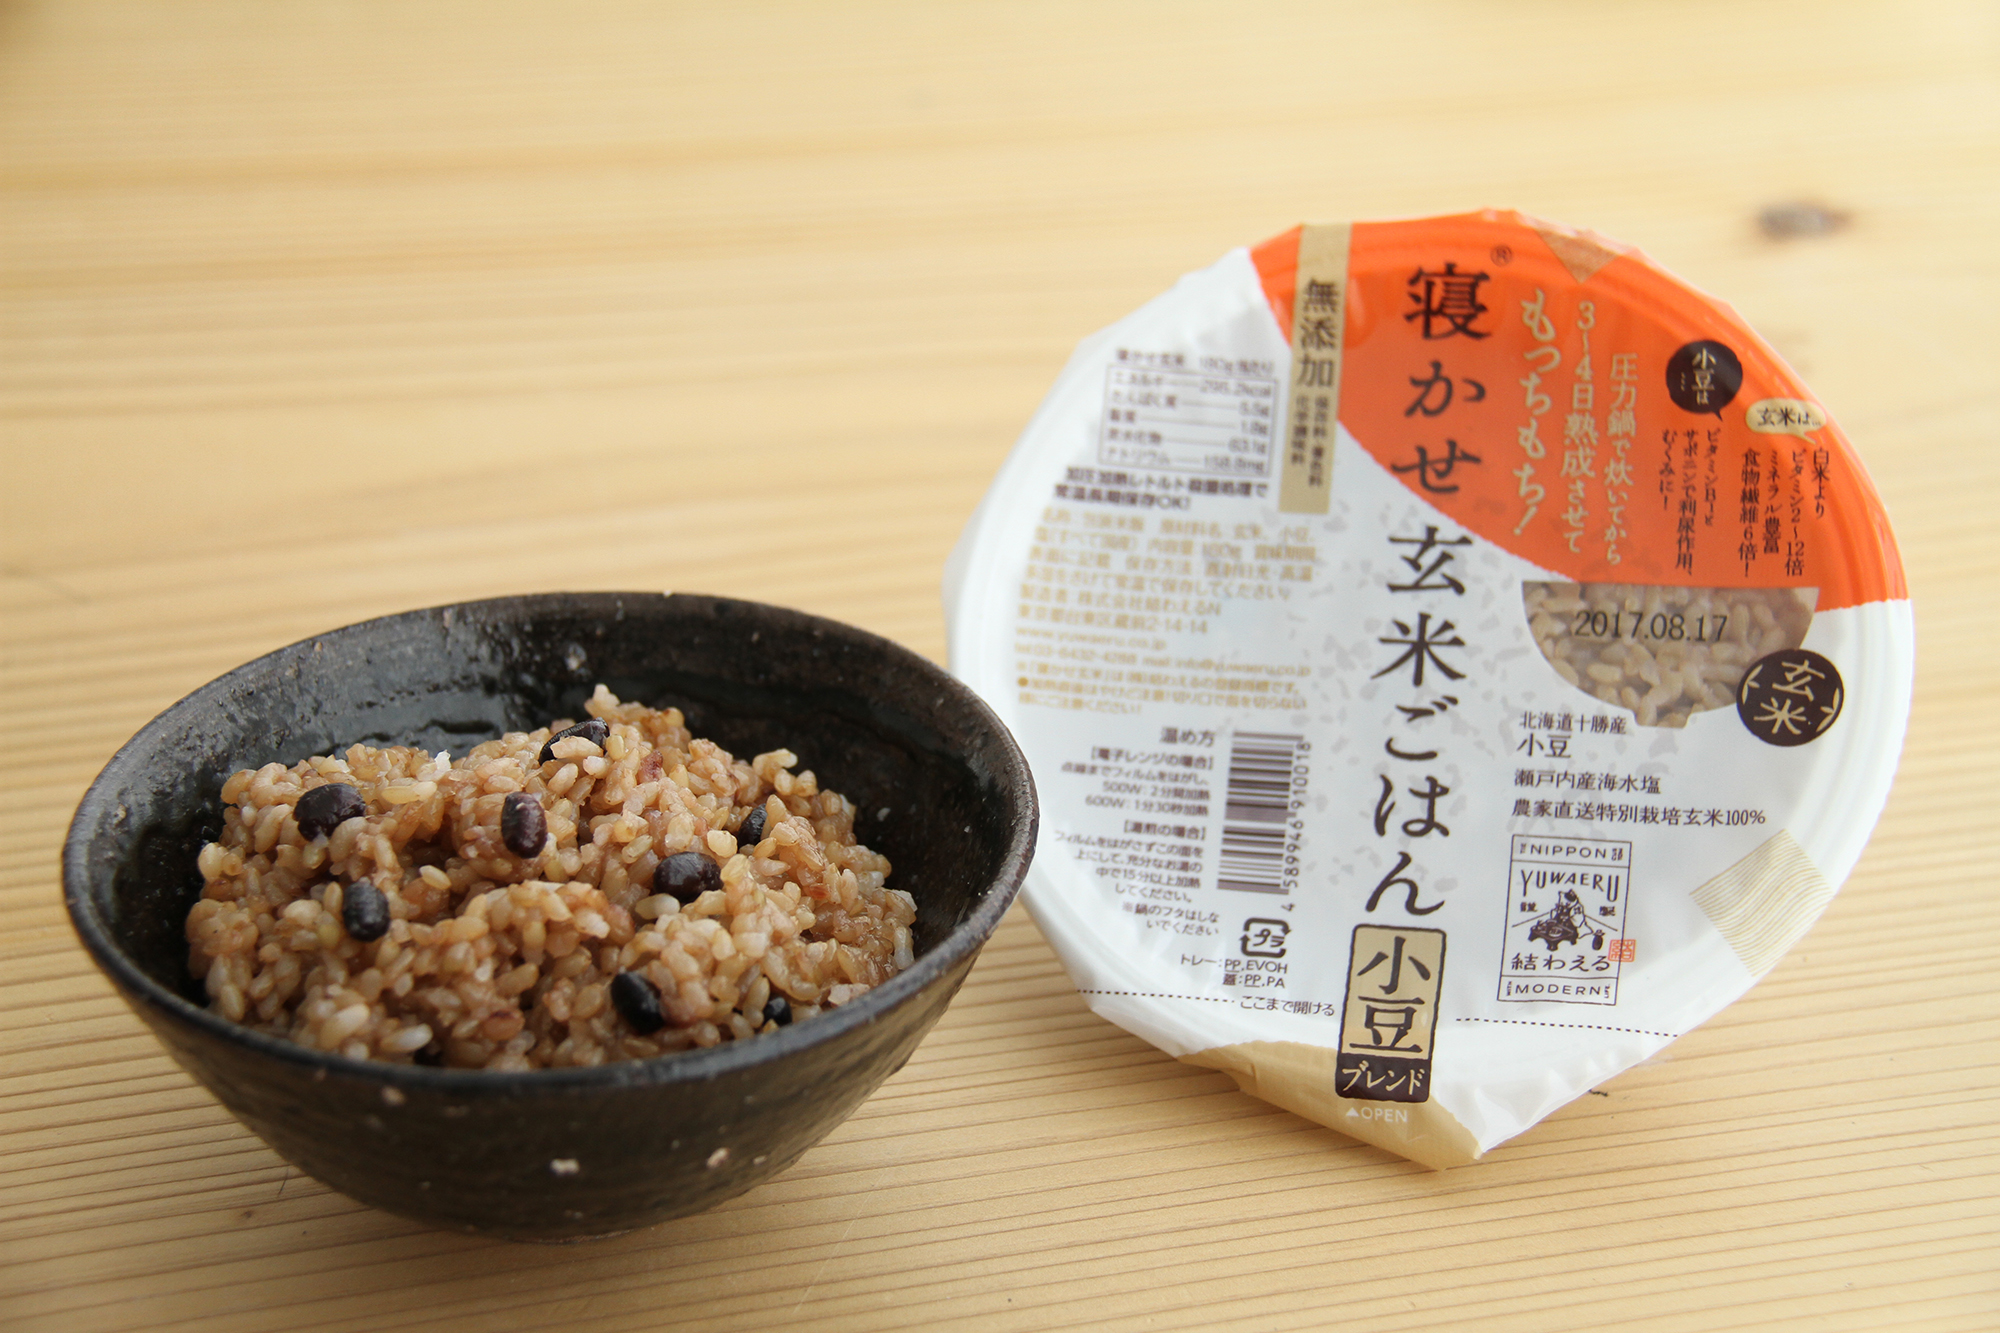 玄米 いろは 寝かせ 寝かせ玄米と日本のいいもの いろは